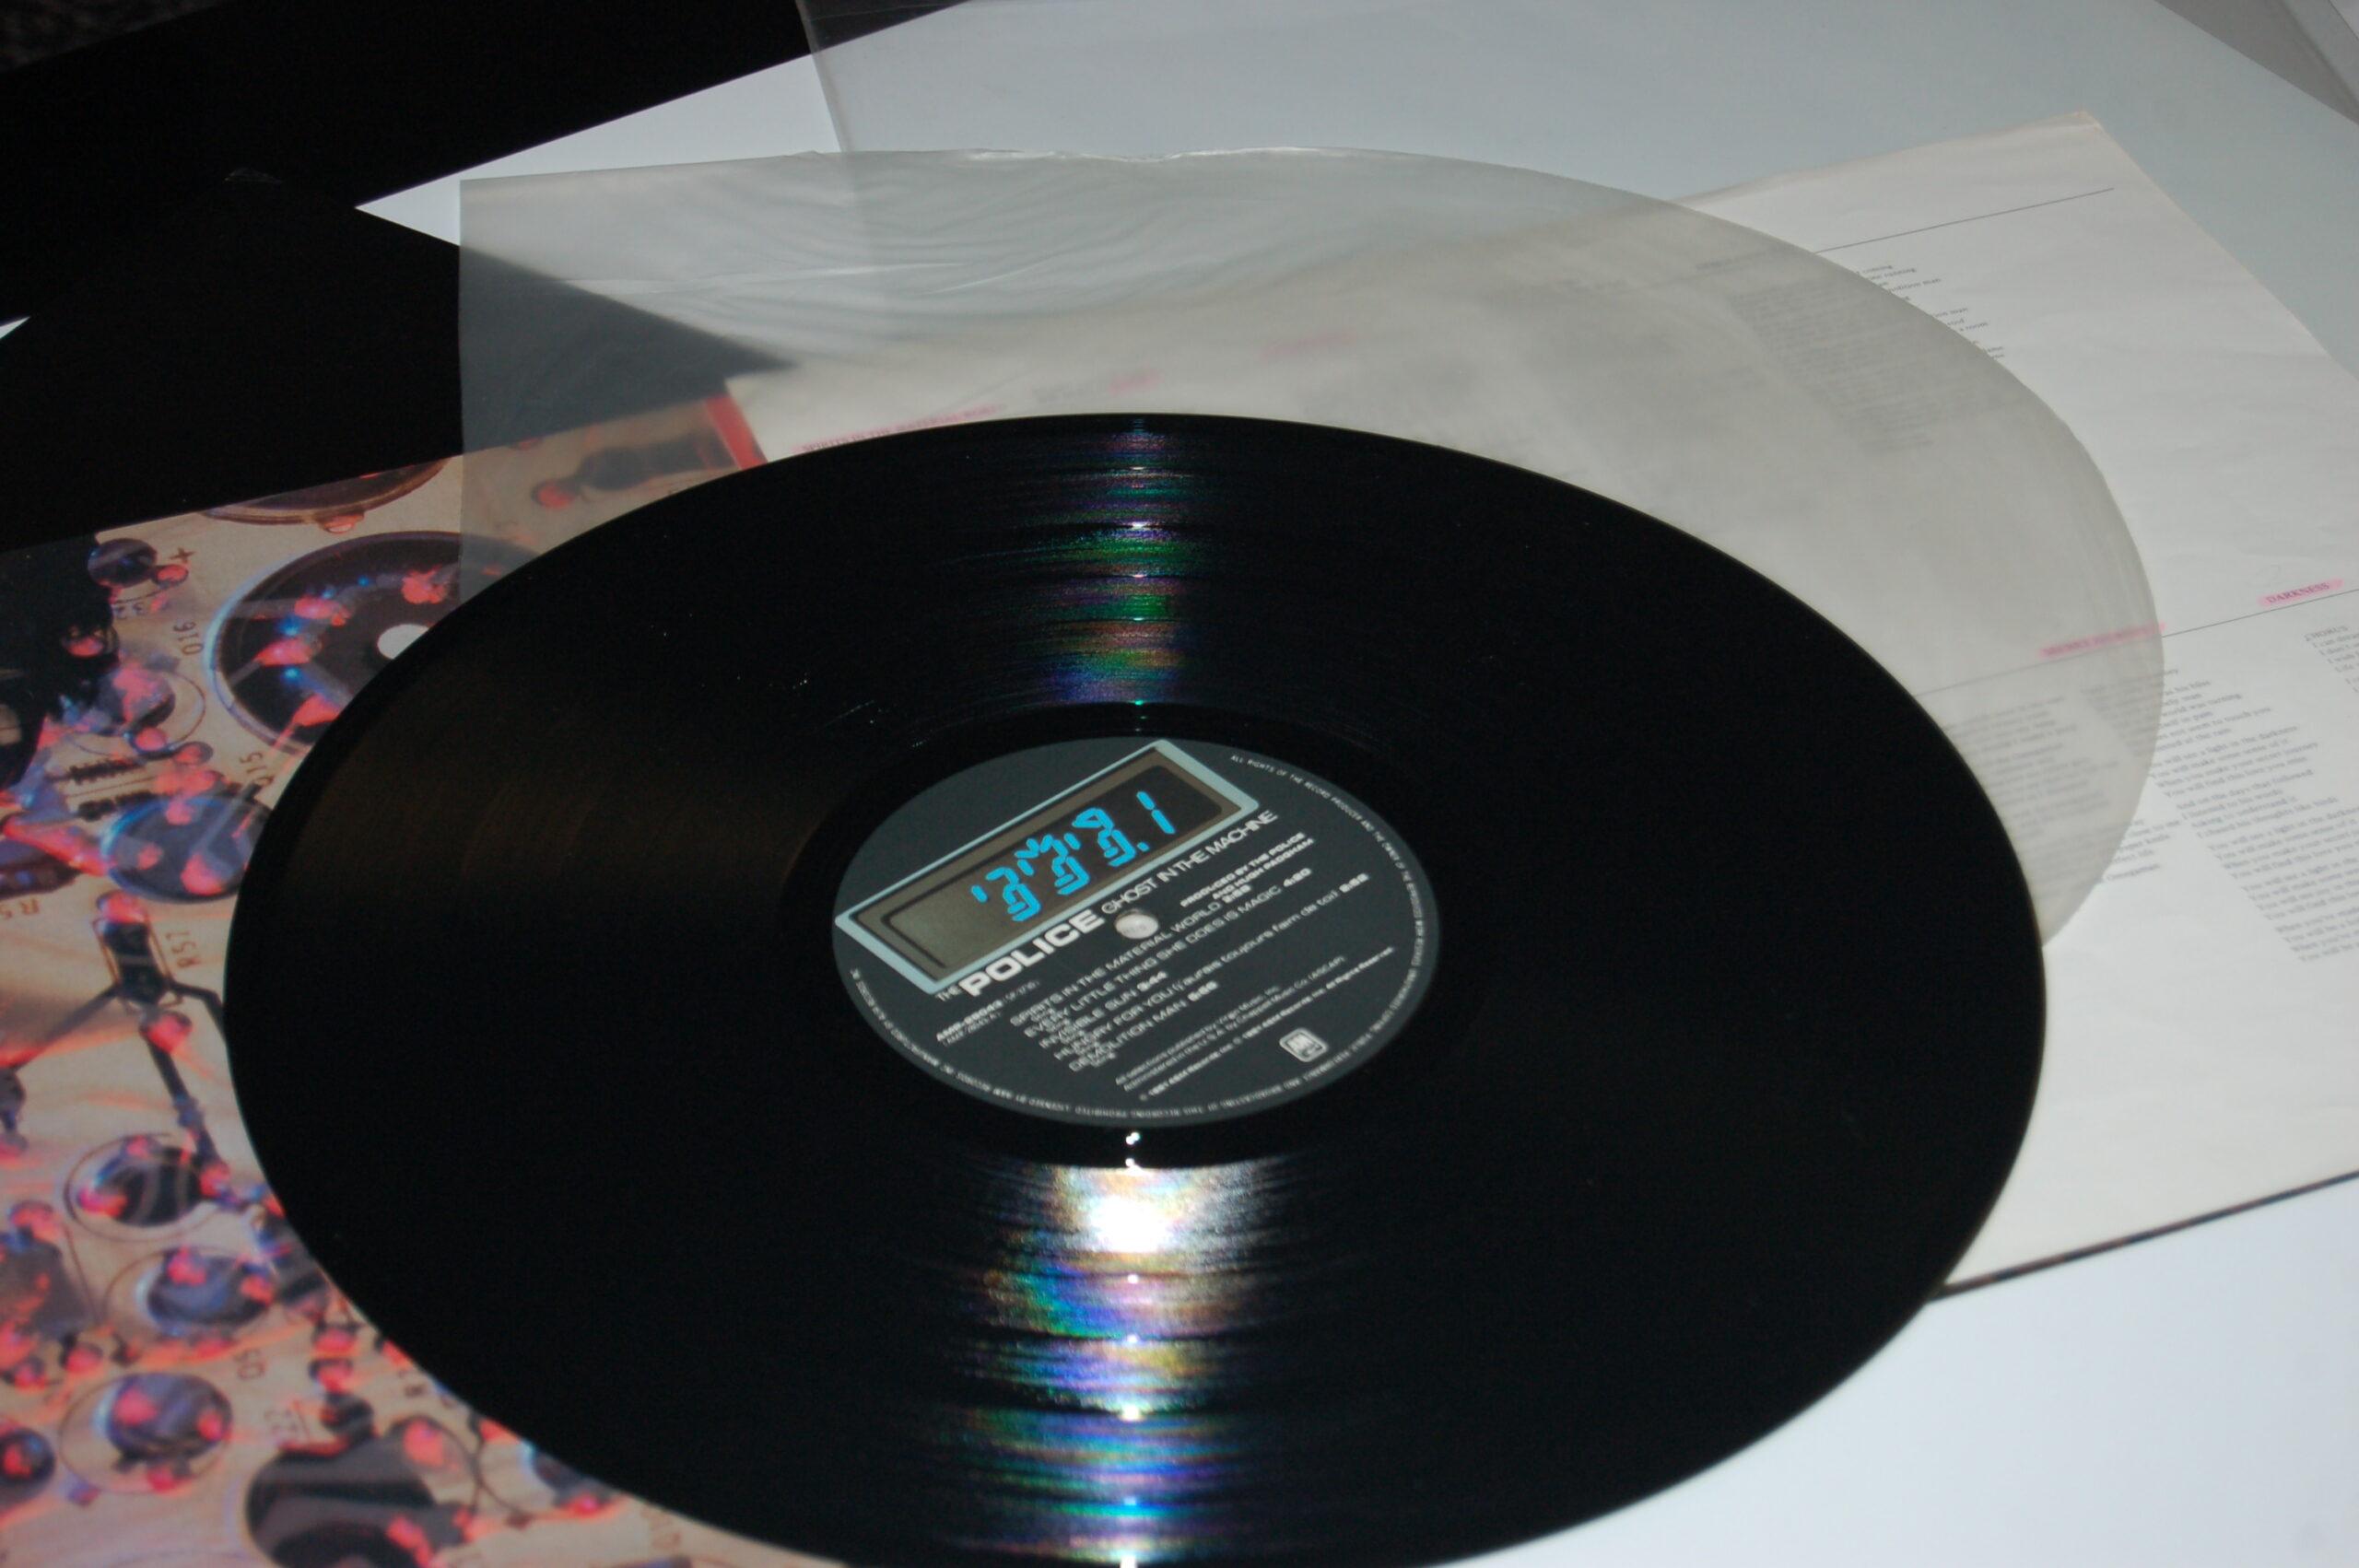 Sous pochette antistatique pour ce disque 33 tours